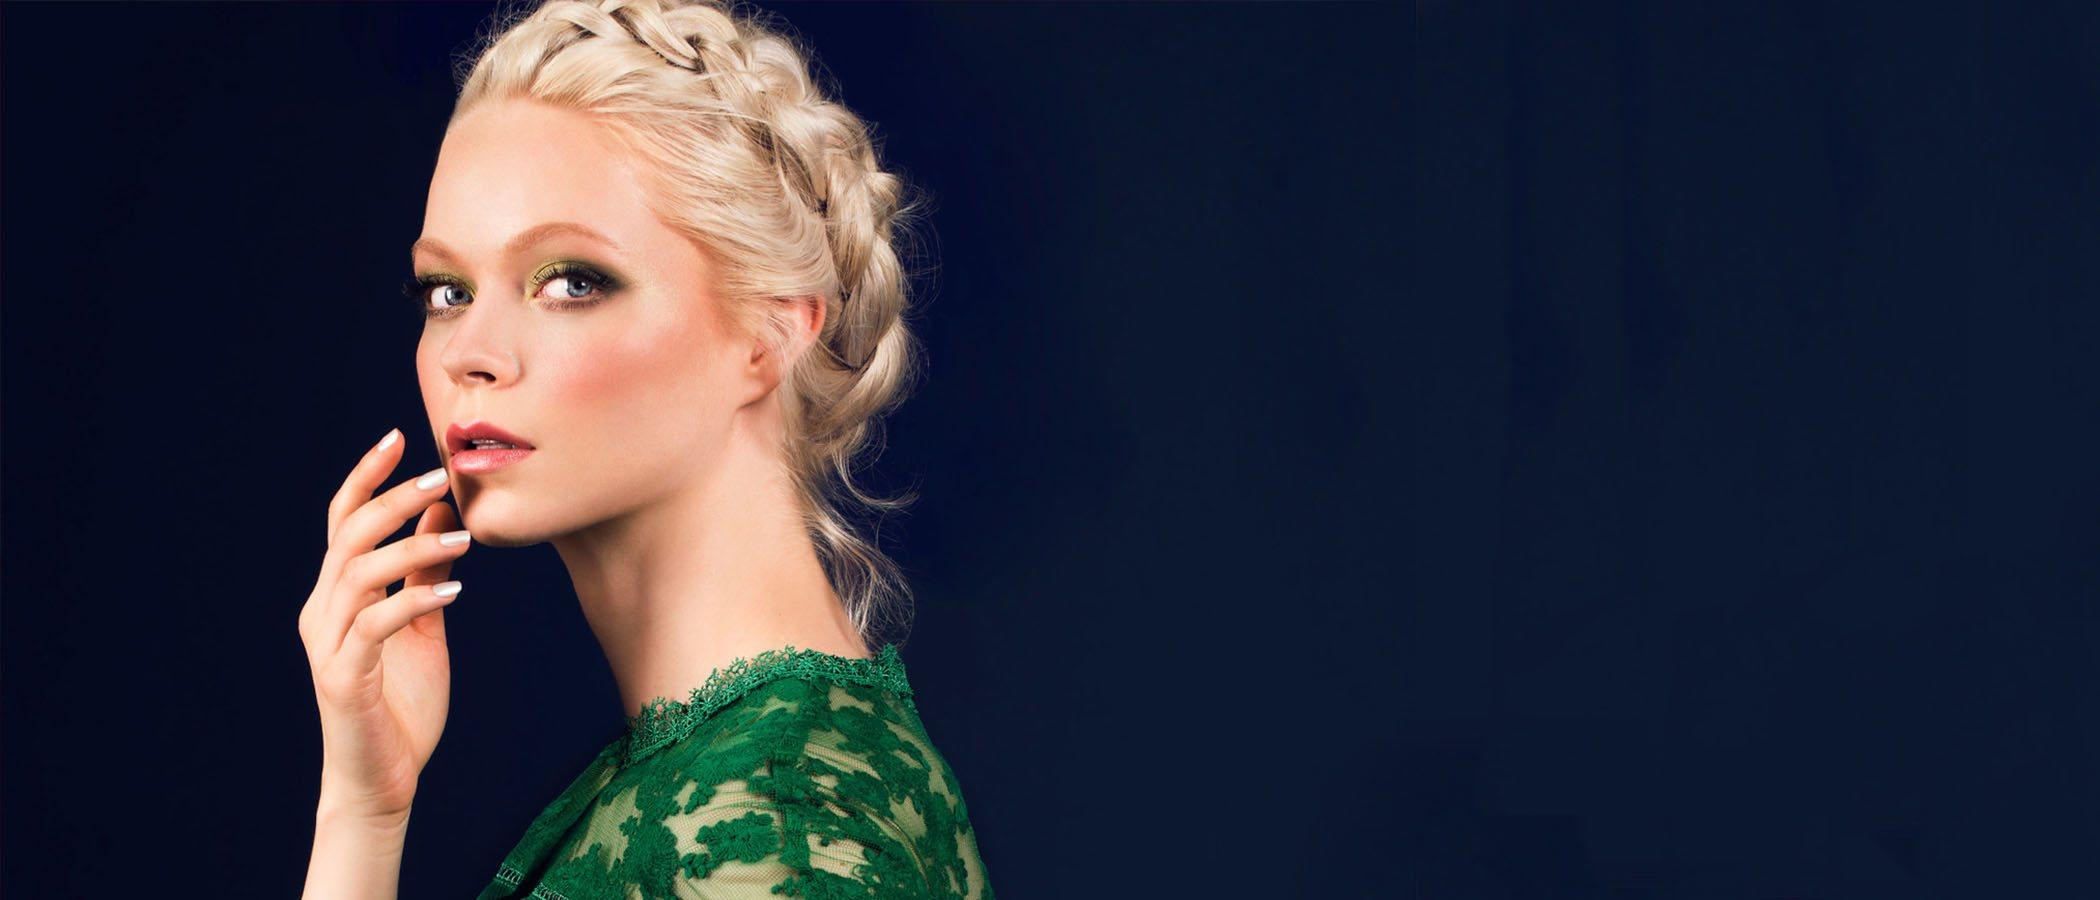 Lola Make Up busca sublimar la belleza natural con 'Allegoría', su nueva colección de maquillaje